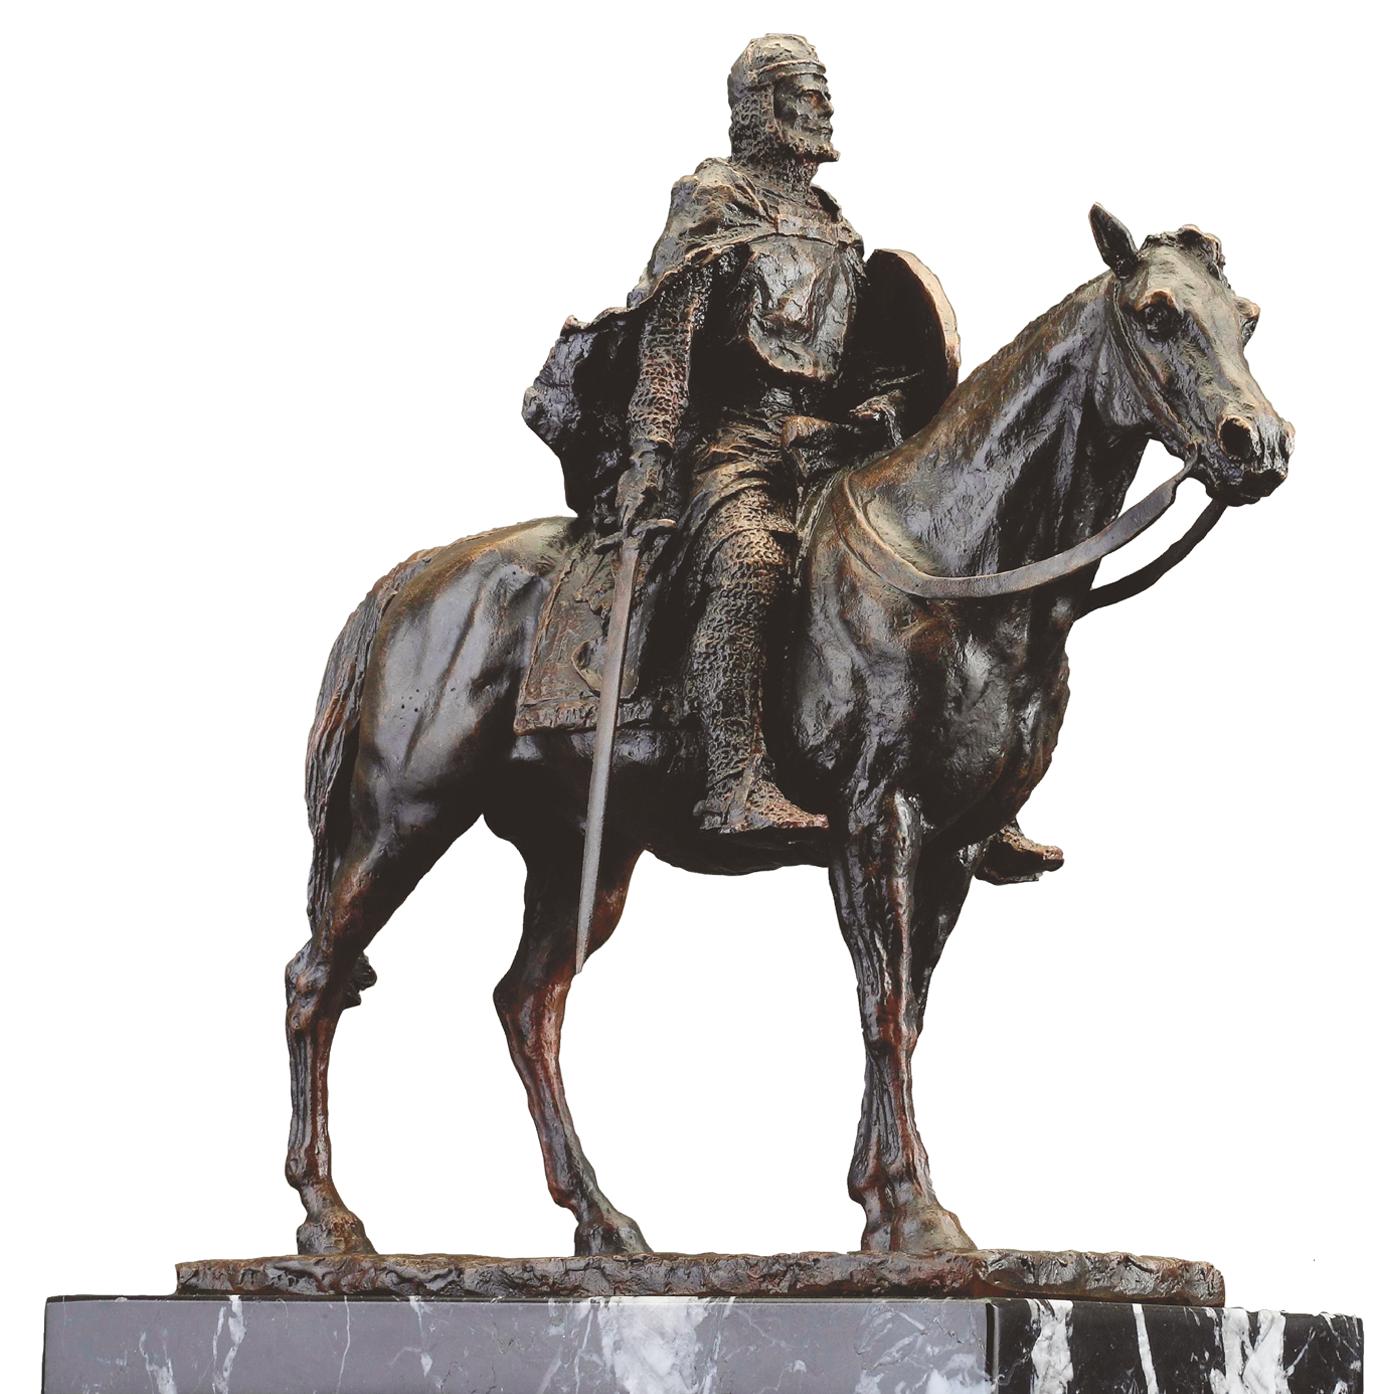 Escultura El Cid Campeador escultura histórica